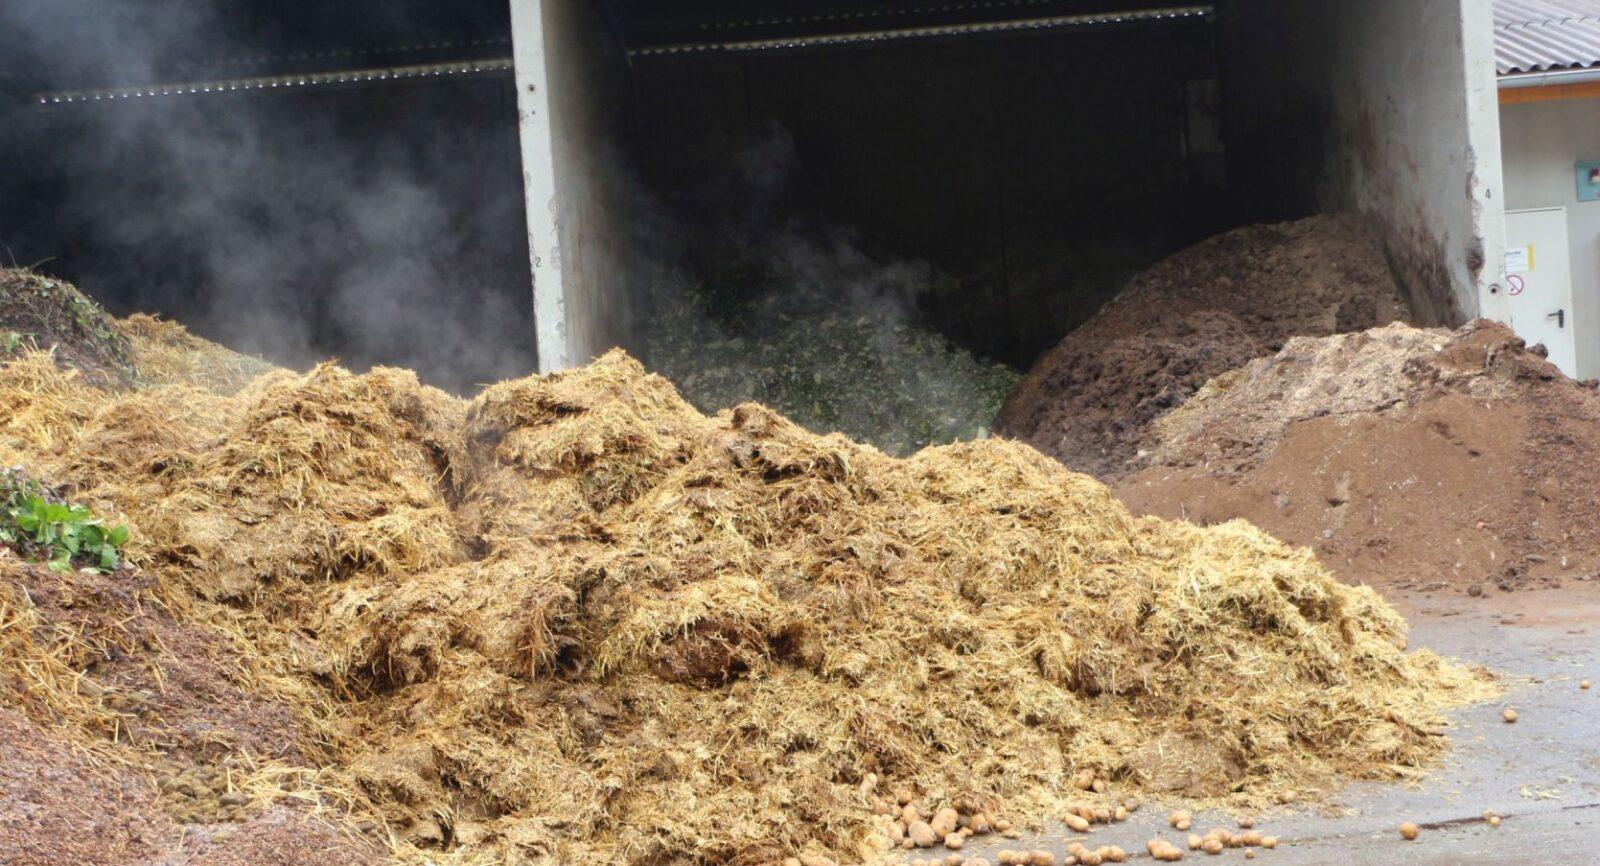 Mist wartet auf die Beimischung im Biofermenter und ist farbenfroh – grün für Rüstabfälle, braun für Hühnermist, hellbraun für Rindermist.